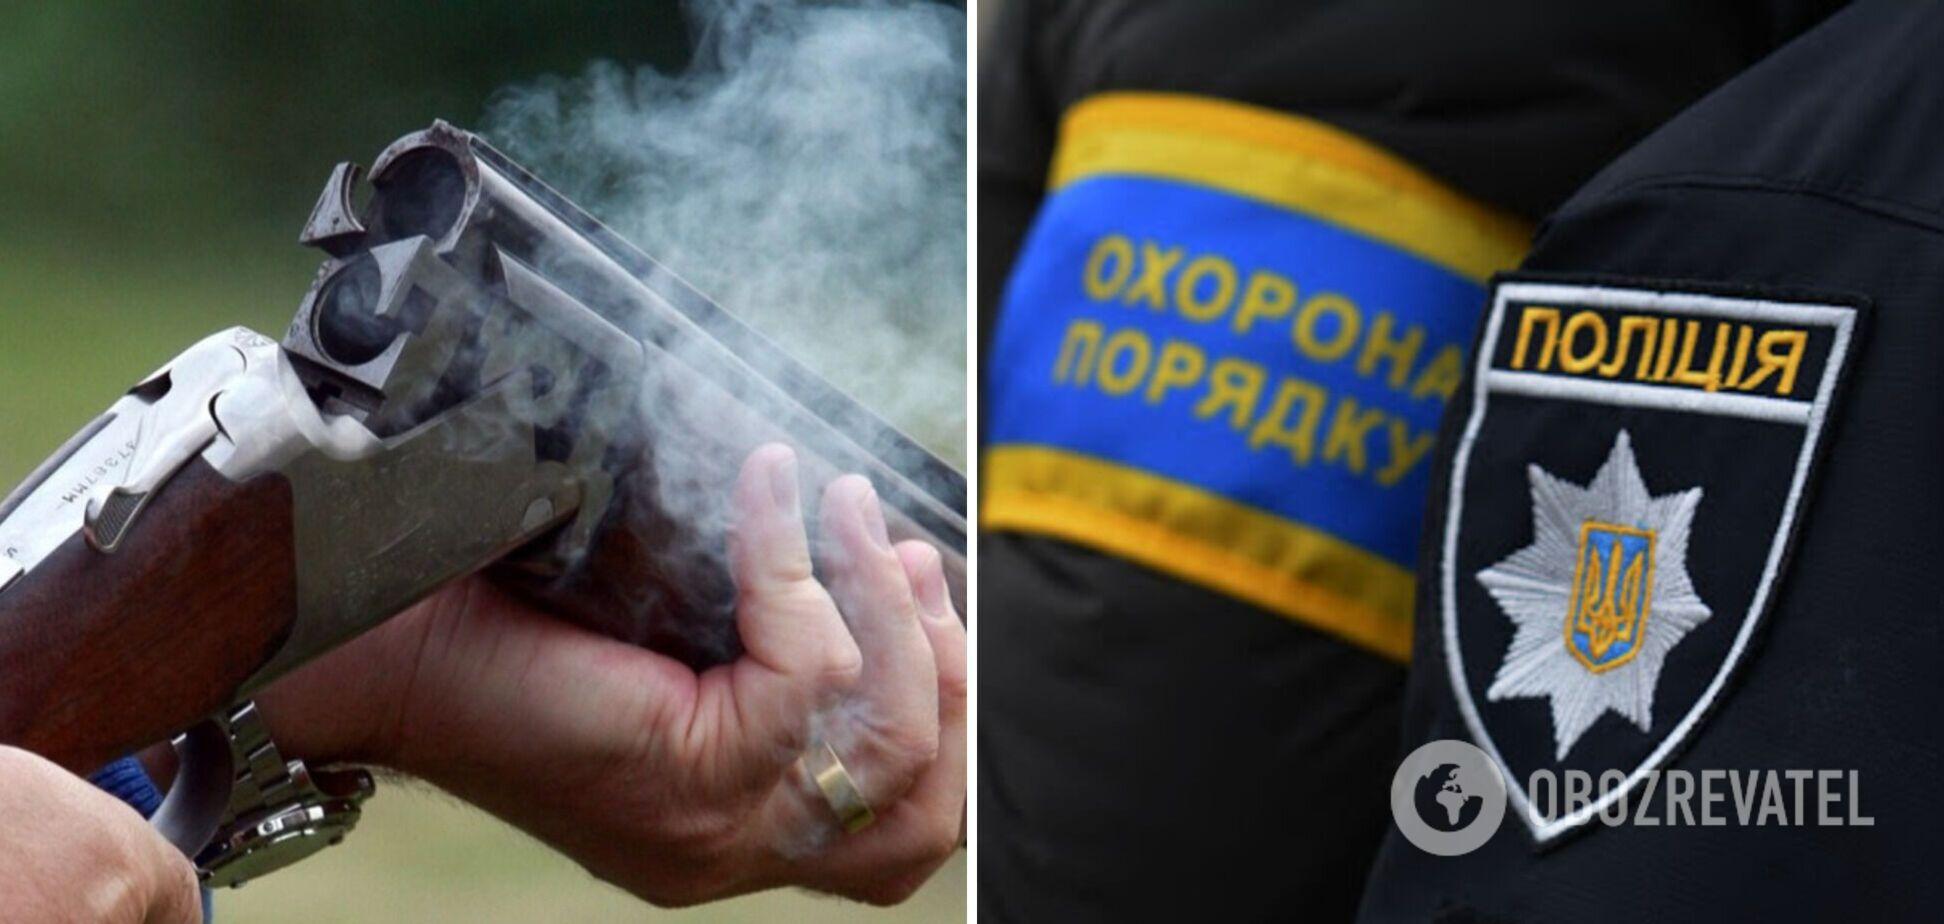 У Кирилівці чоловік влаштував стрілянину з рушниці: двоє осіб отримали важкі поранення